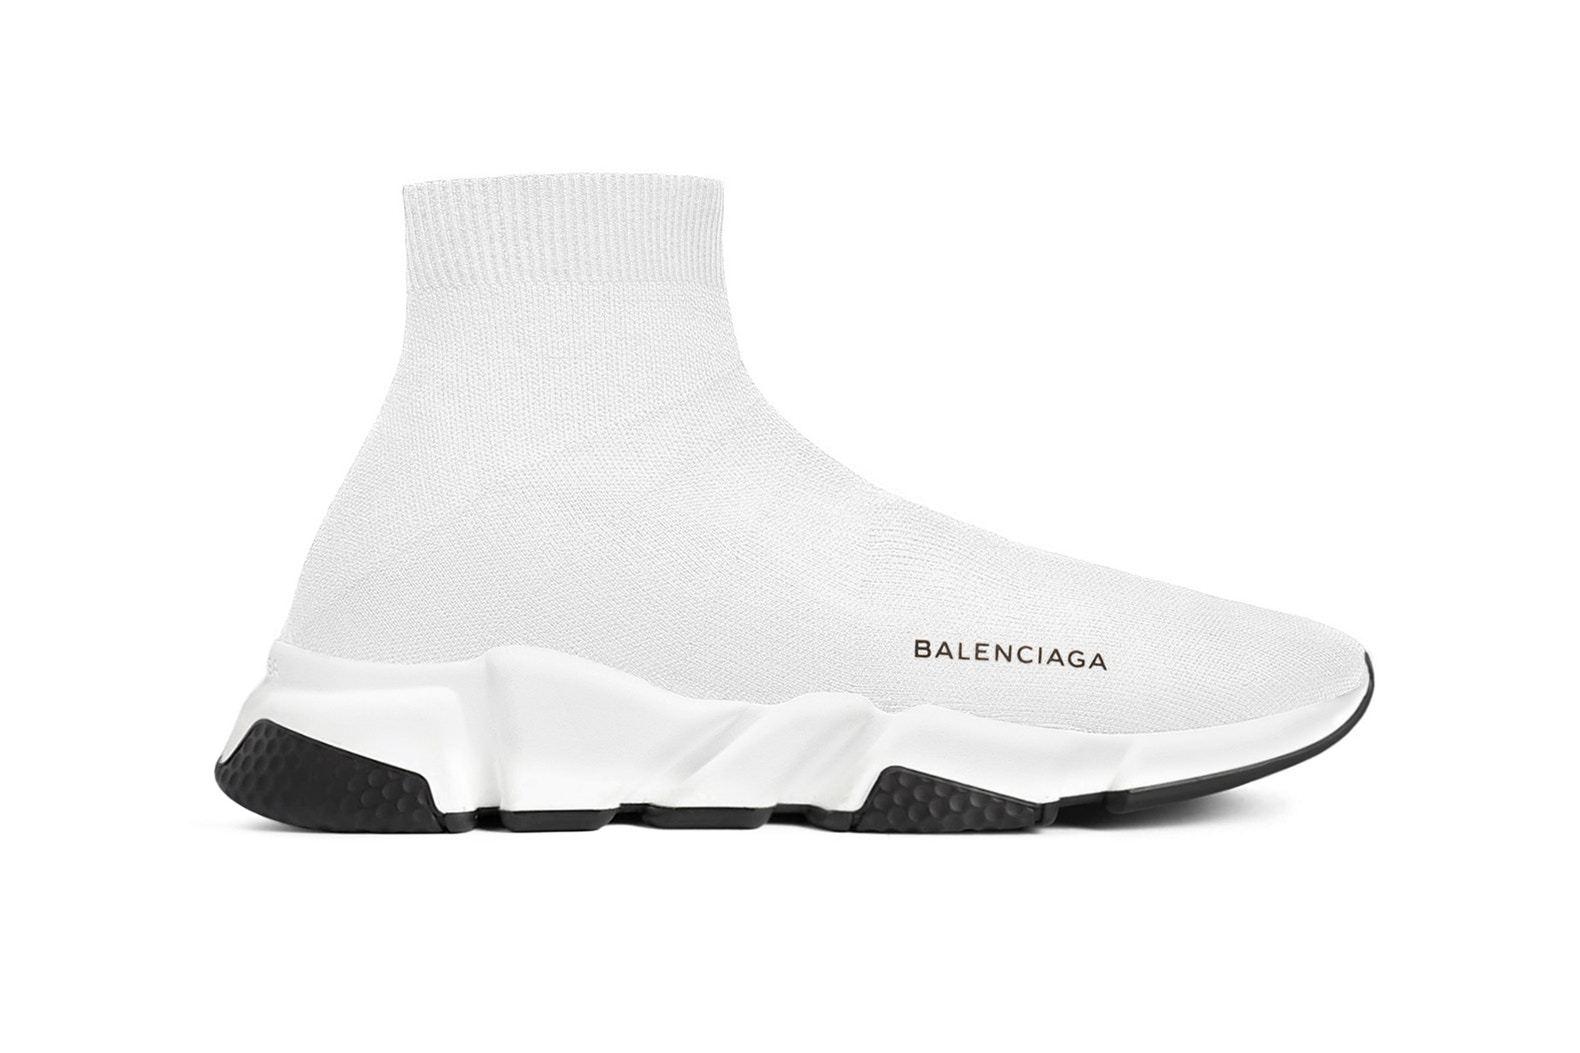 5款眼前一亮的BalenciagaSpeedTrainer全新配色,总有